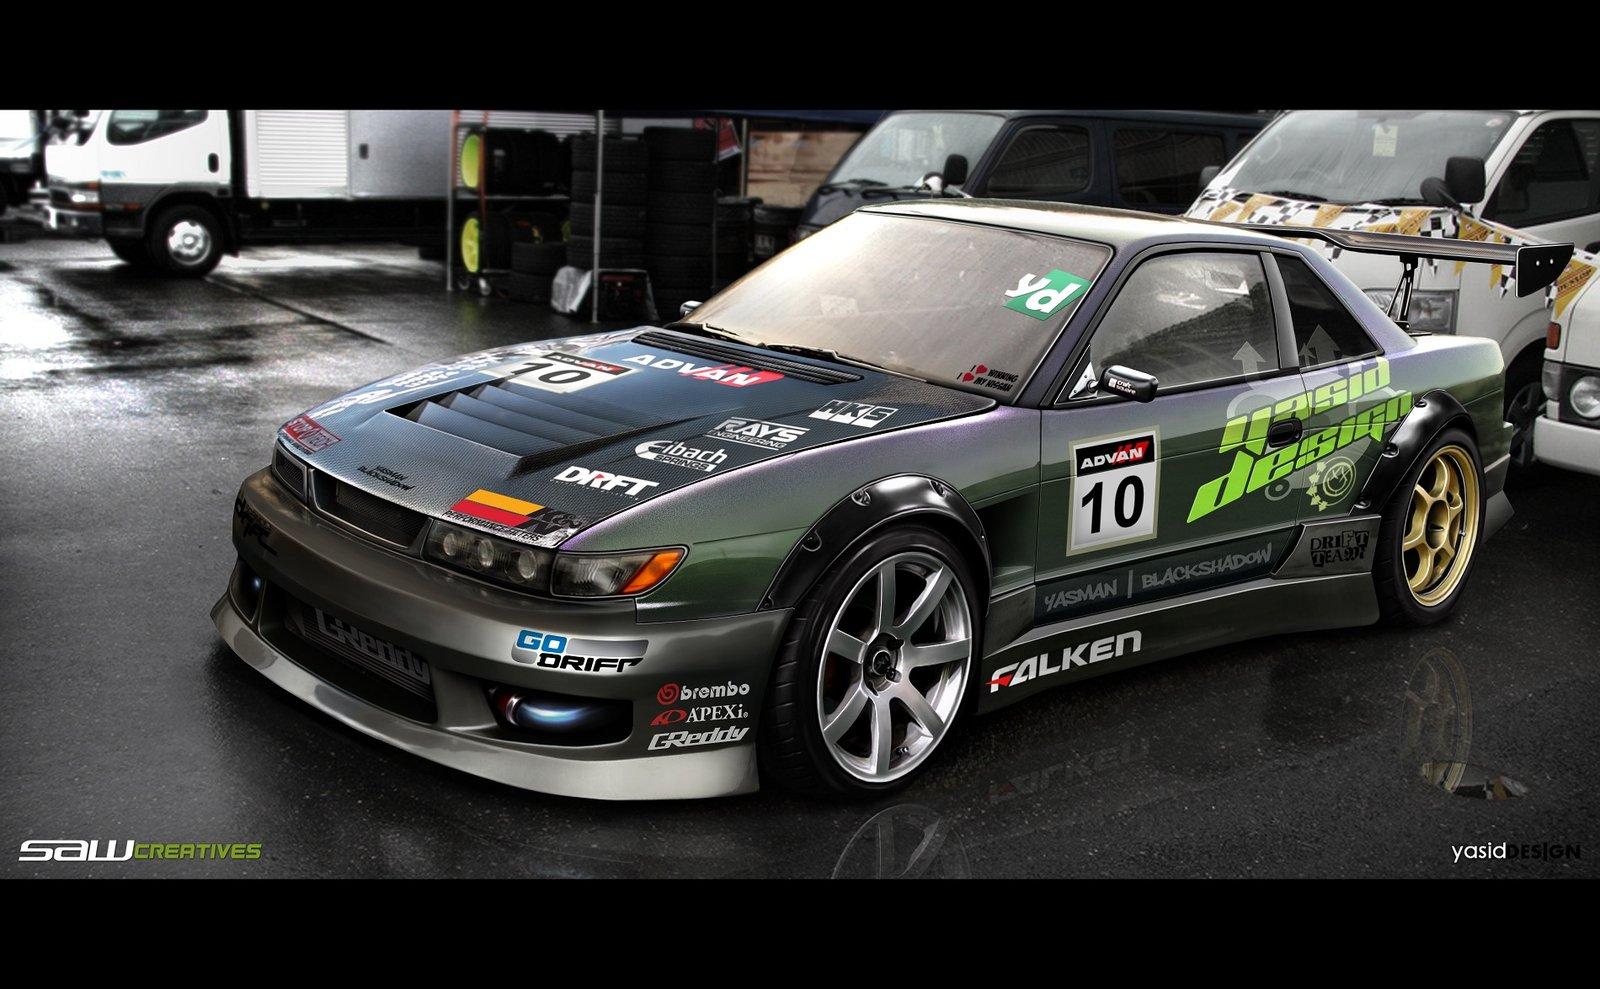 http://4.bp.blogspot.com/-ibonUNj2pdA/TVj4Zs8VXhI/AAAAAAAAAR4/NSwNtIe4NrM/s1600/Nissan_Silvia_S13_by_yasiddesign.jpg